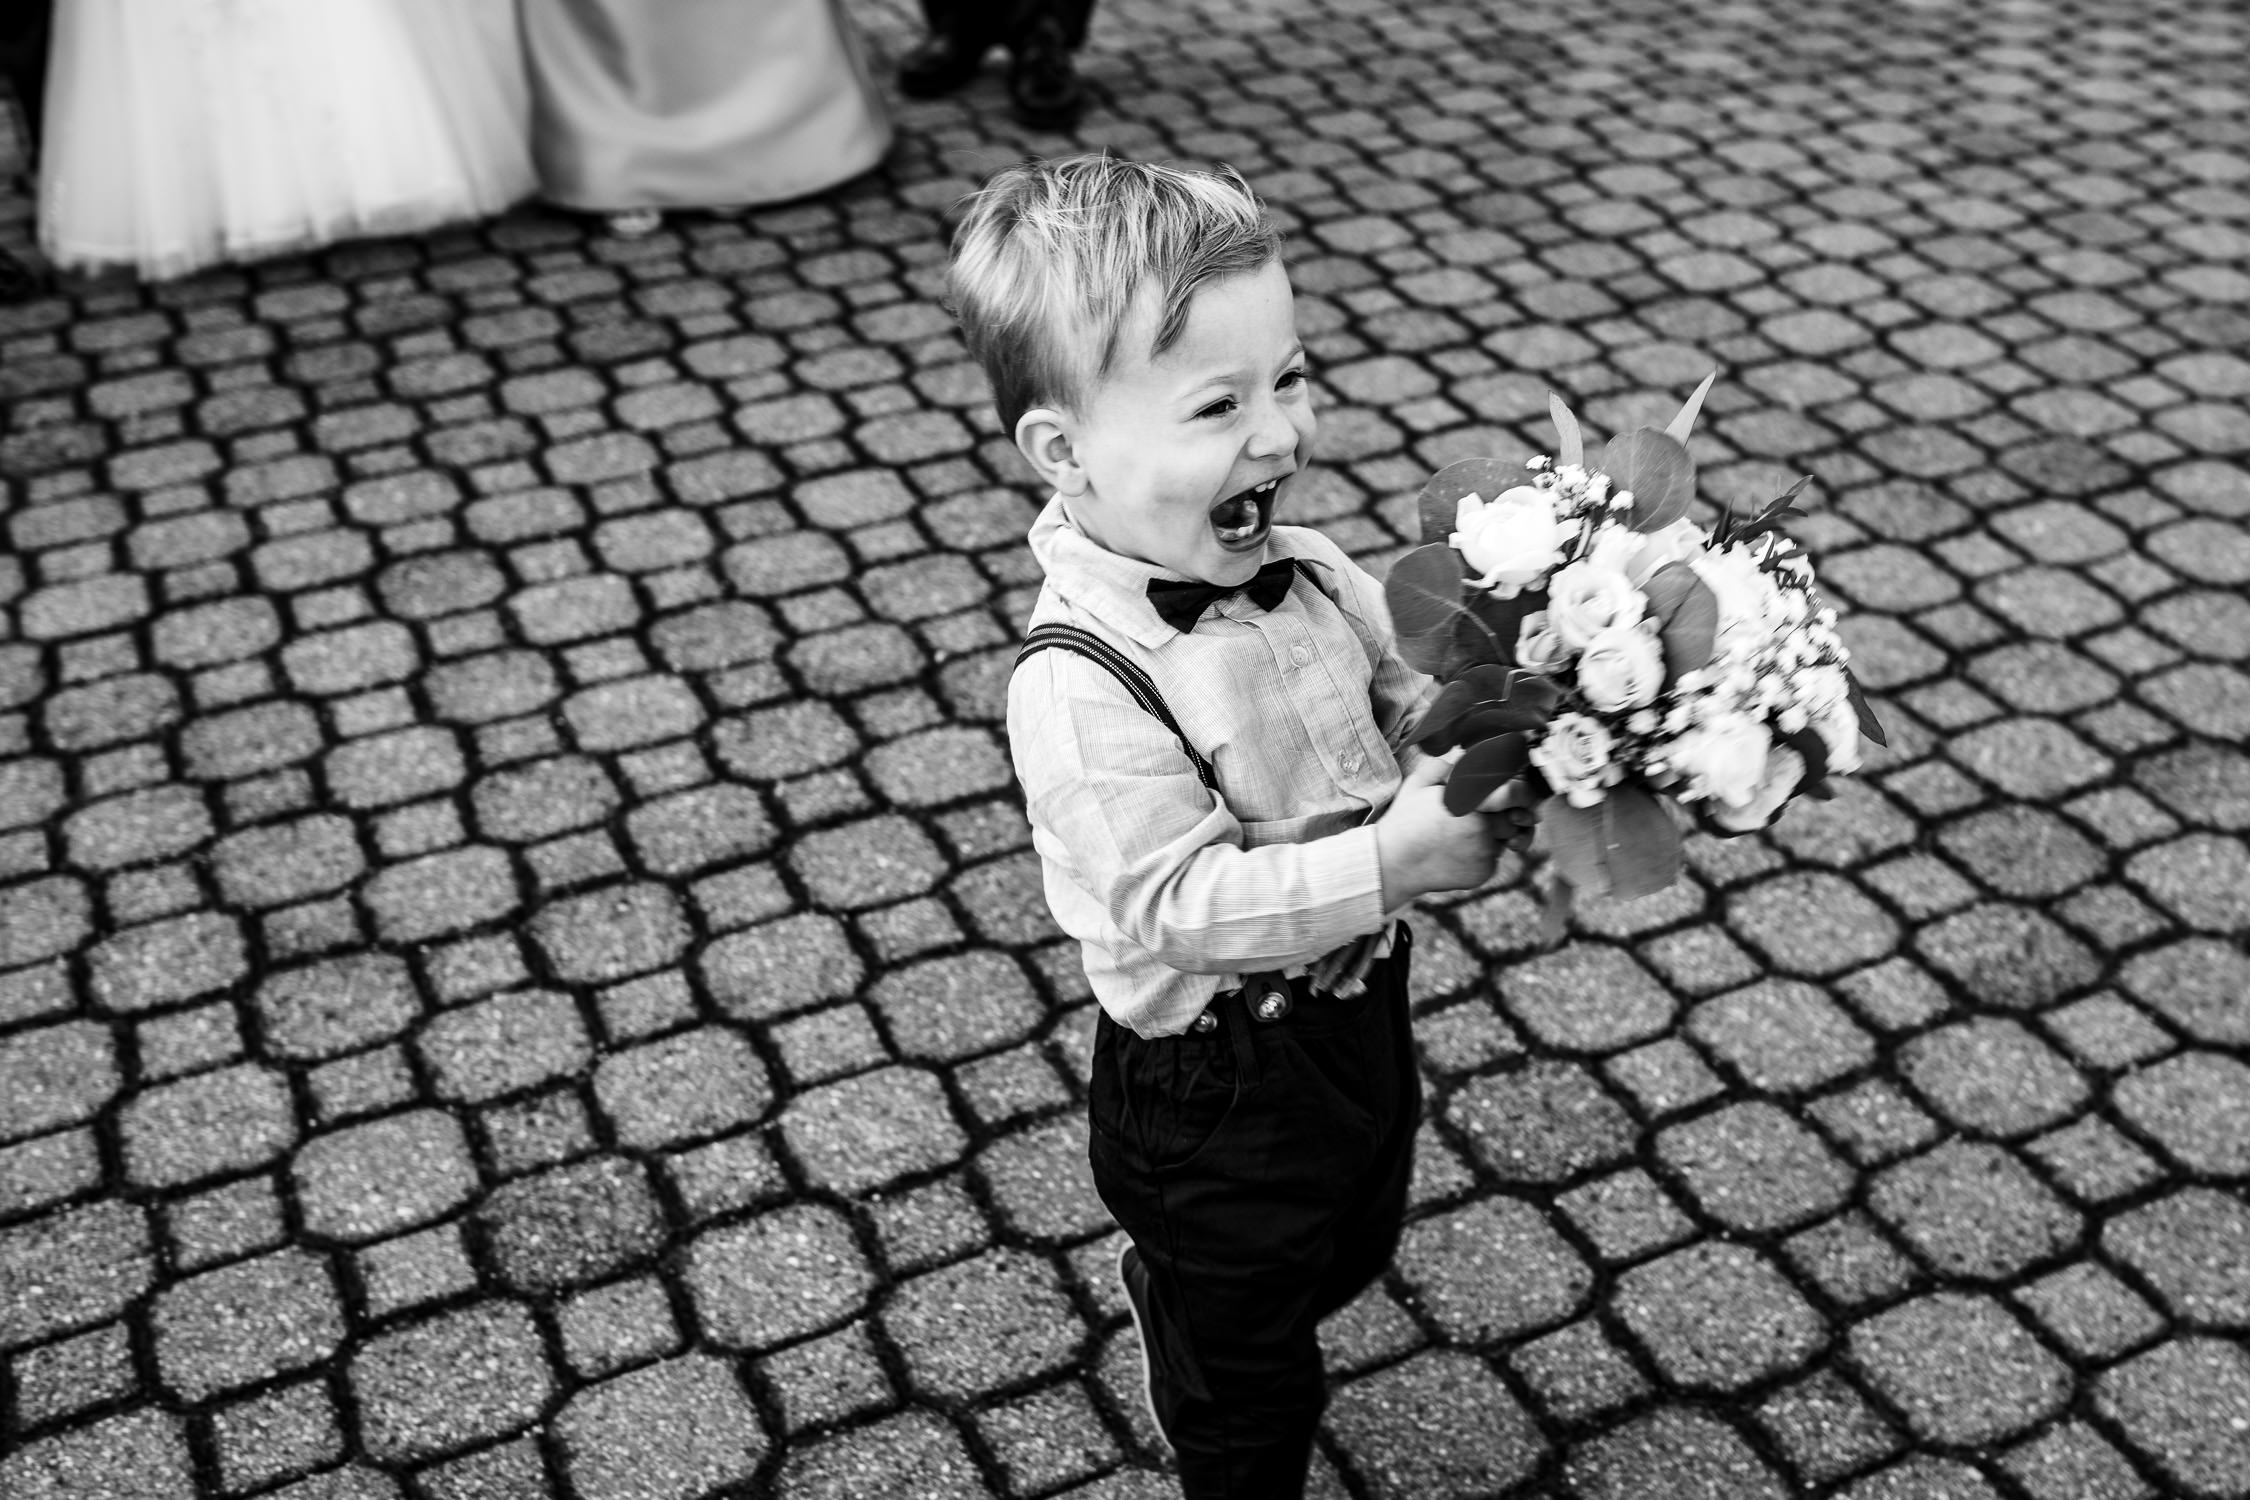 A little boy runs away laughing with a wedding bouquet